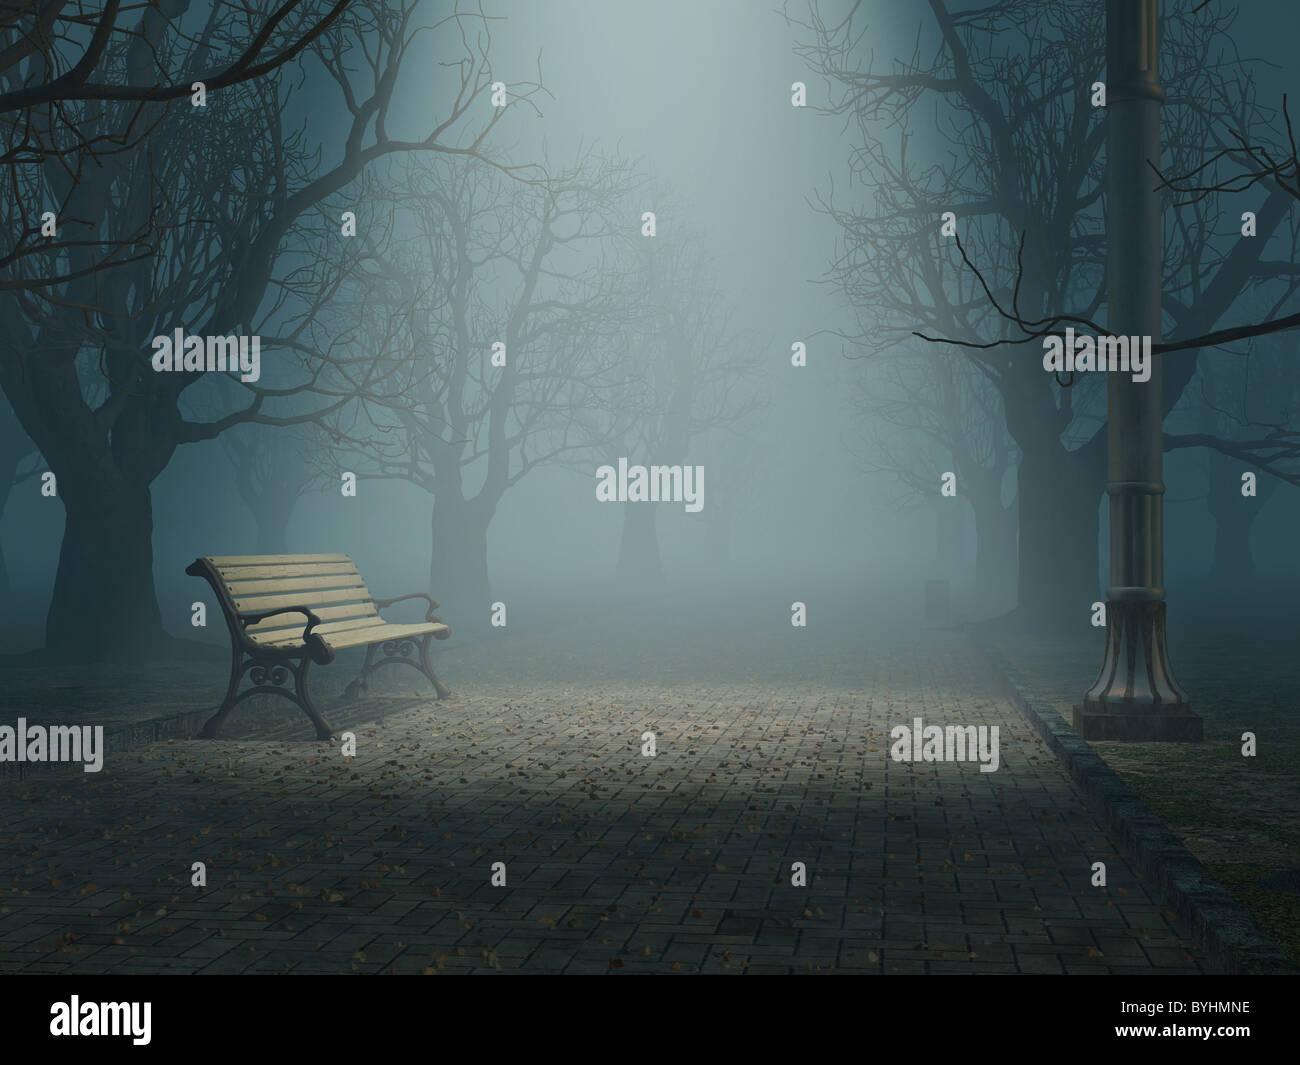 Banco solitario en misty park Imagen De Stock